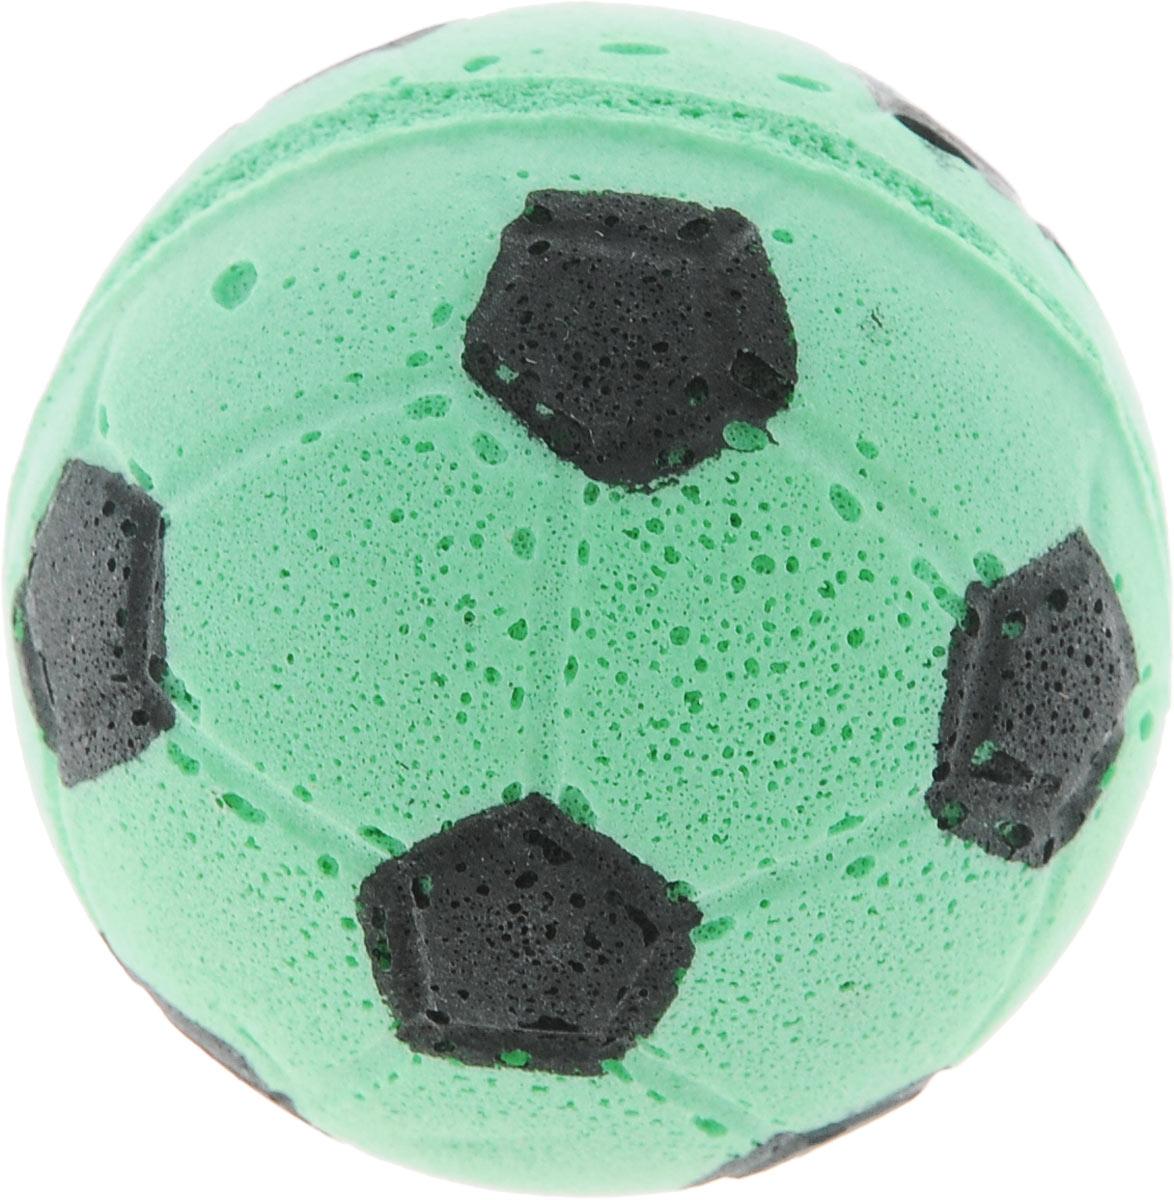 Игрушка для животных Каскад Мячик зефирный. Футбольный, цвет: зеленый, диаметр 4,5 см мягкая игрушка dragons крушиголов цвет зеленый бордовый 24 см